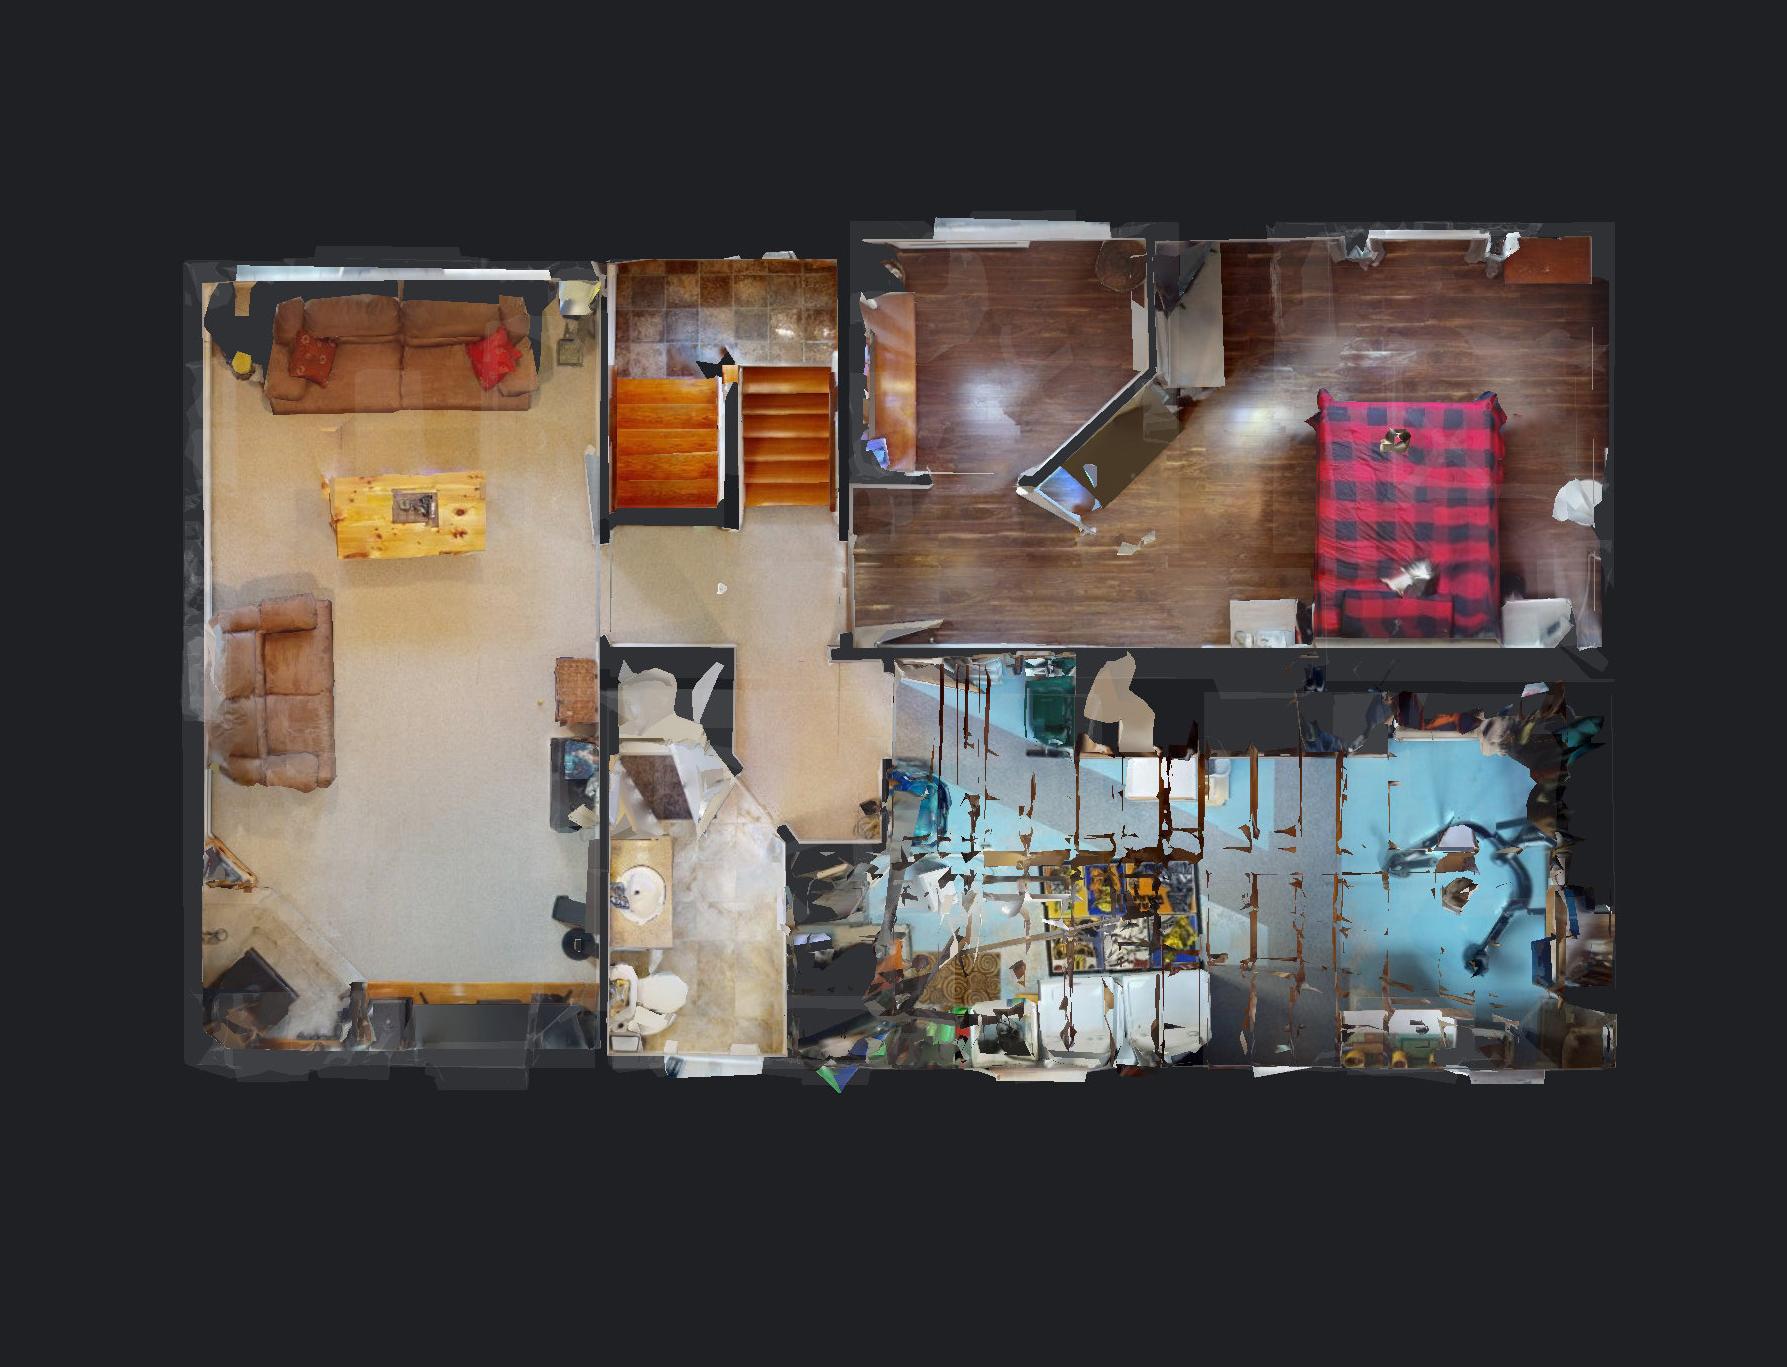 Second Floor Matterport